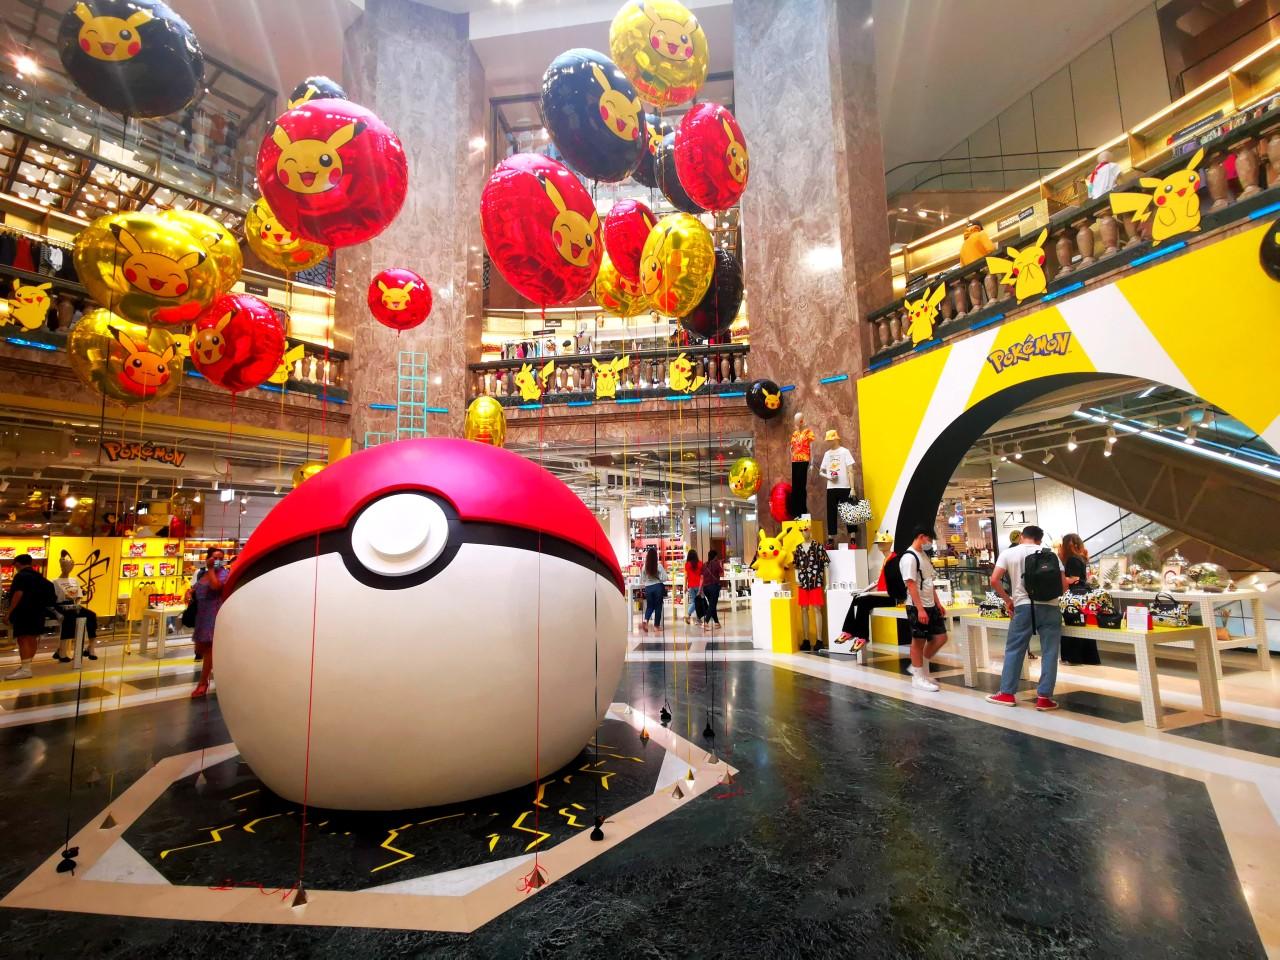 Les 25 ans de Pokemon aux GaleriesLafayette